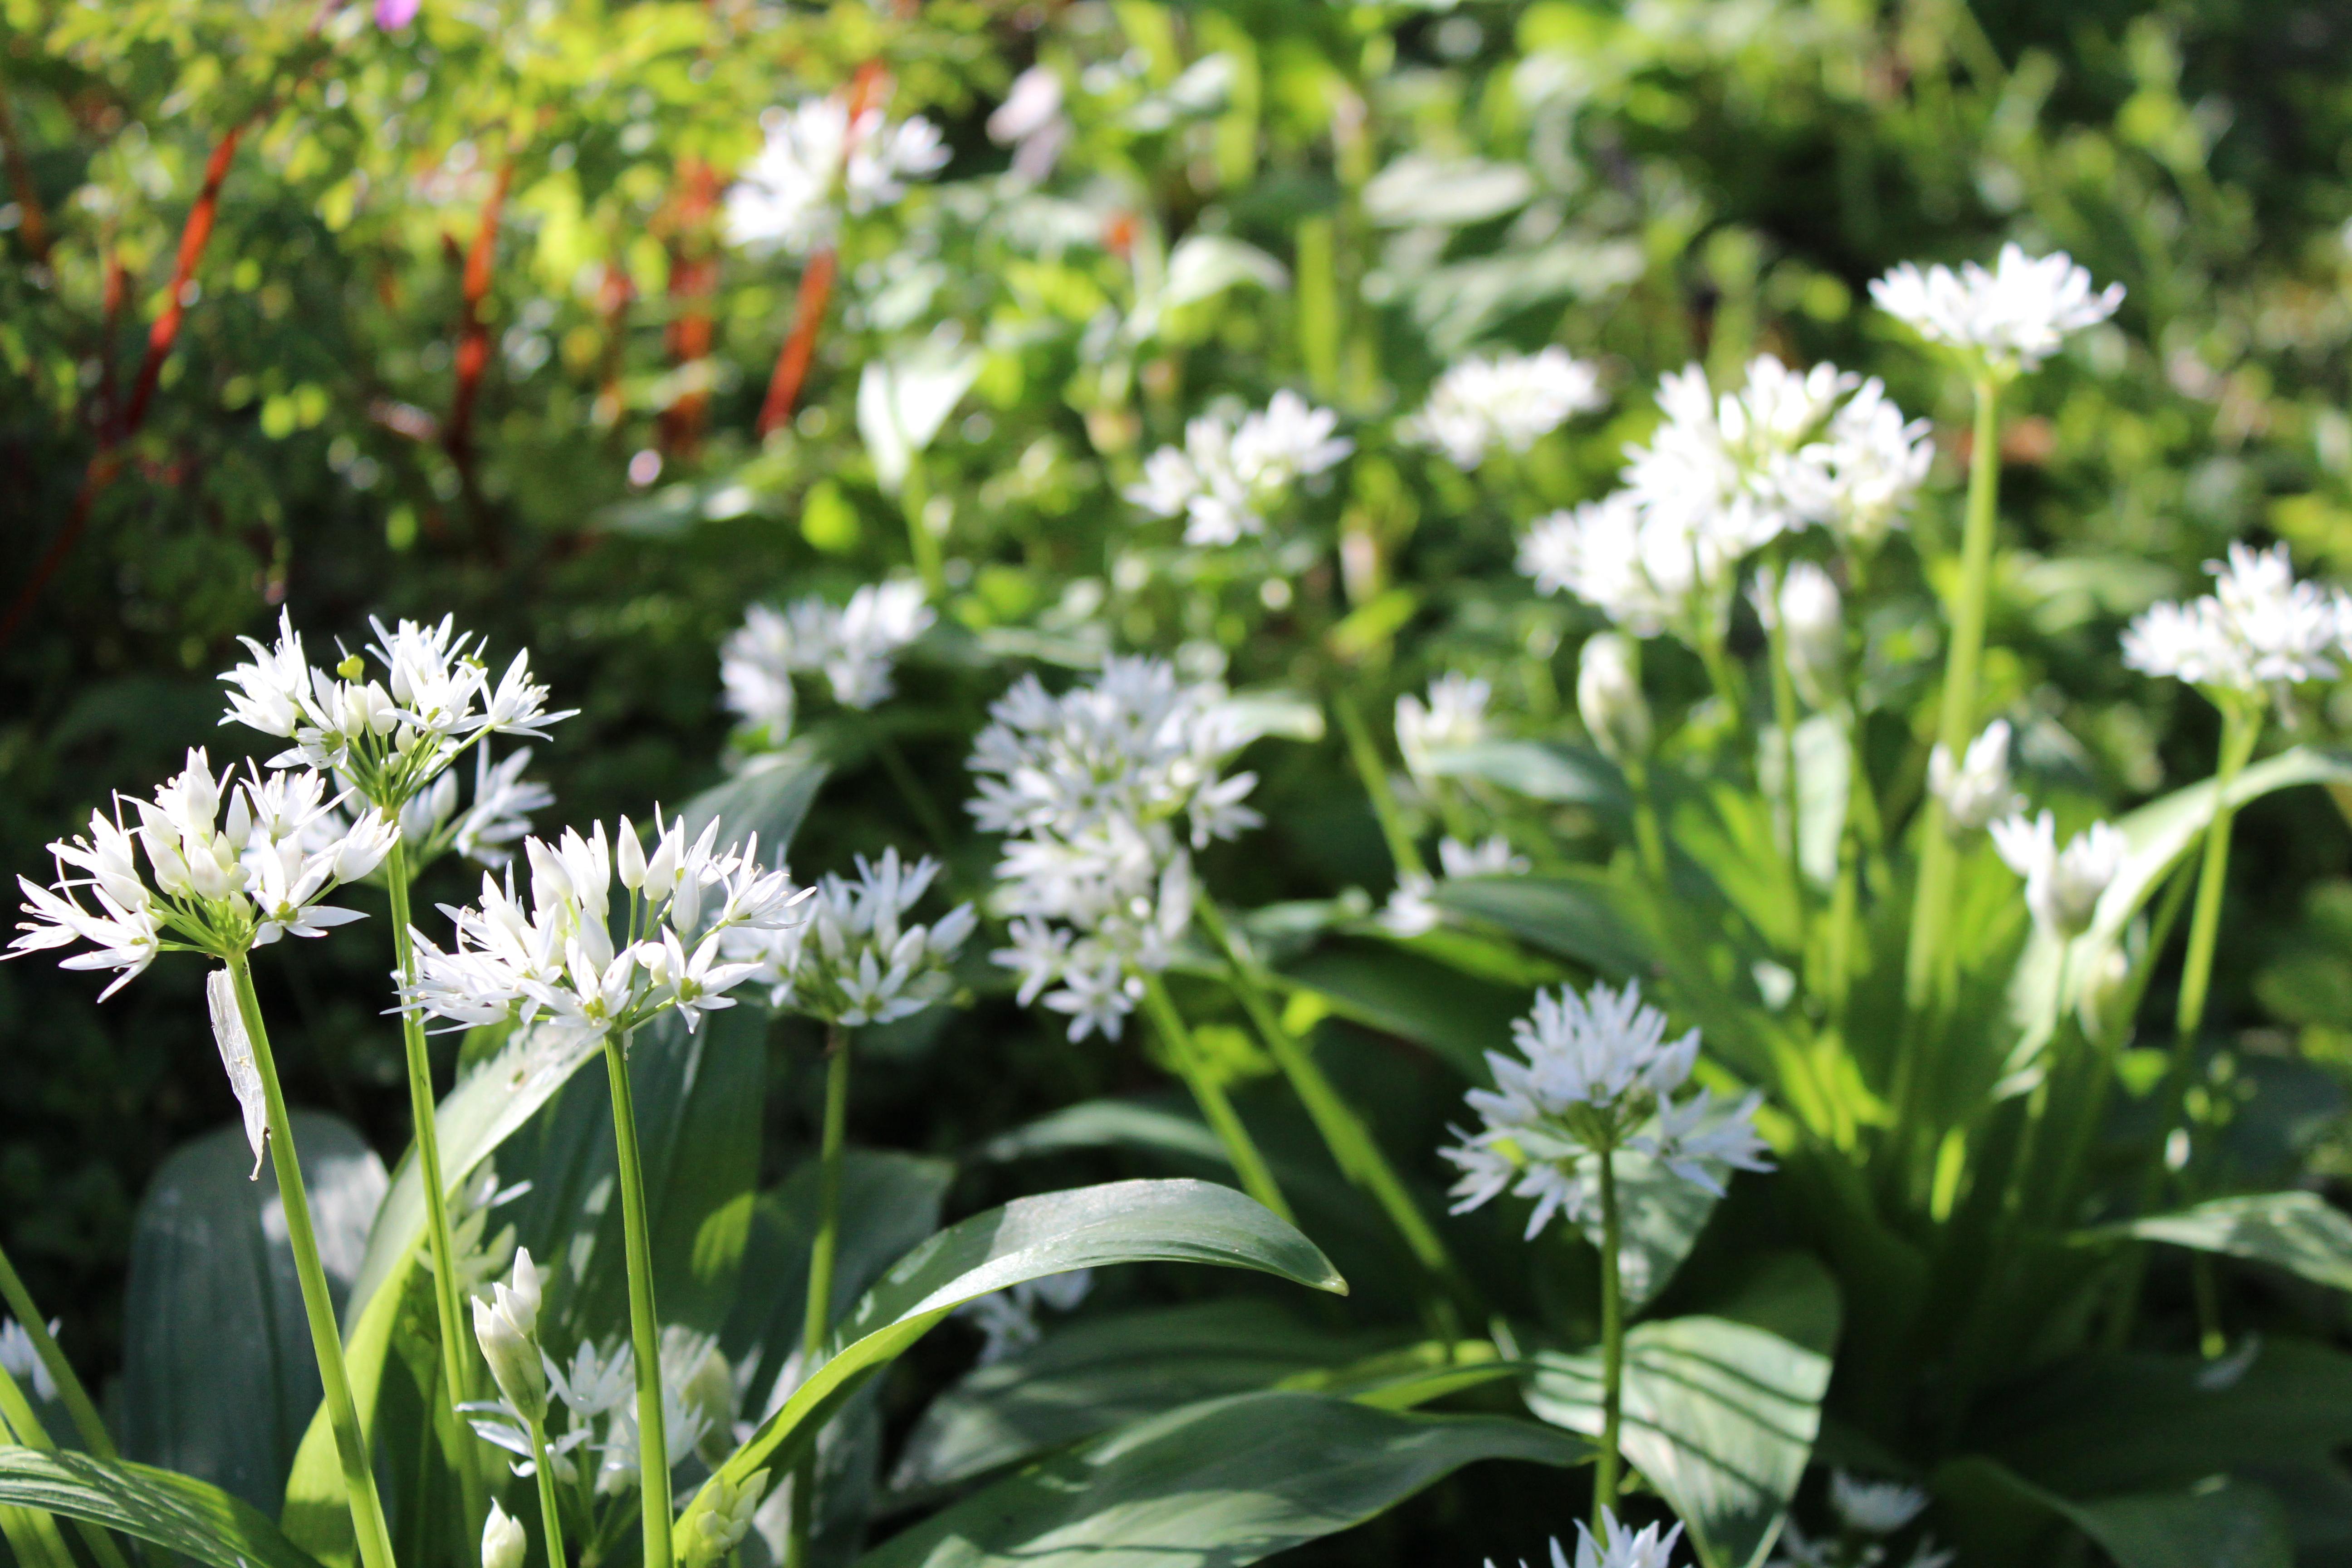 Wild garlic abounds!